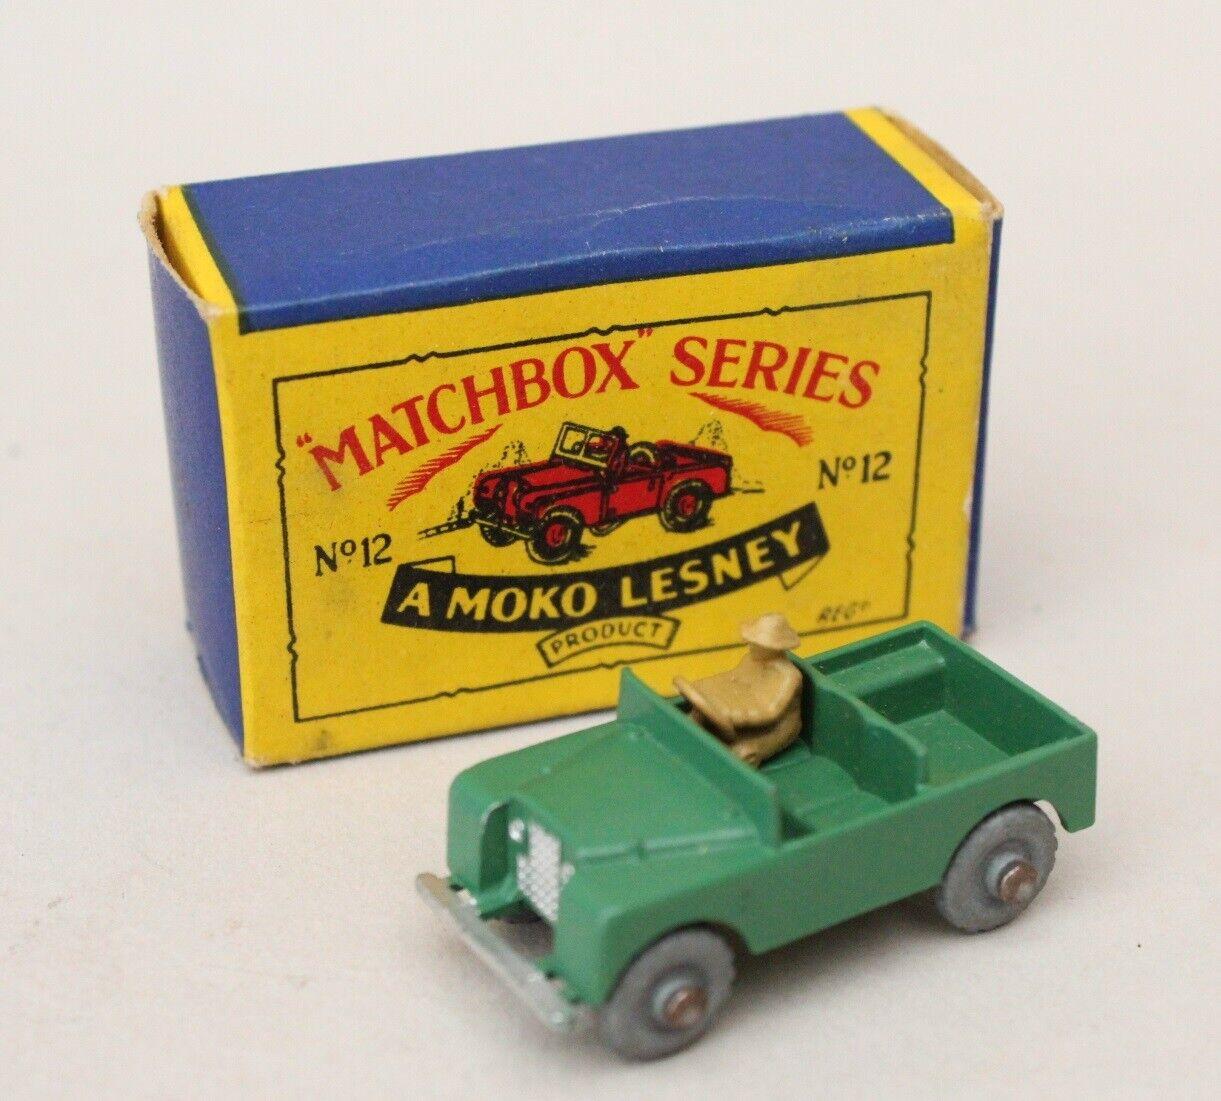 el mas reciente Matchbox Matchbox Matchbox Lesney MB 12 Land Rover  la calidad primero los consumidores primero